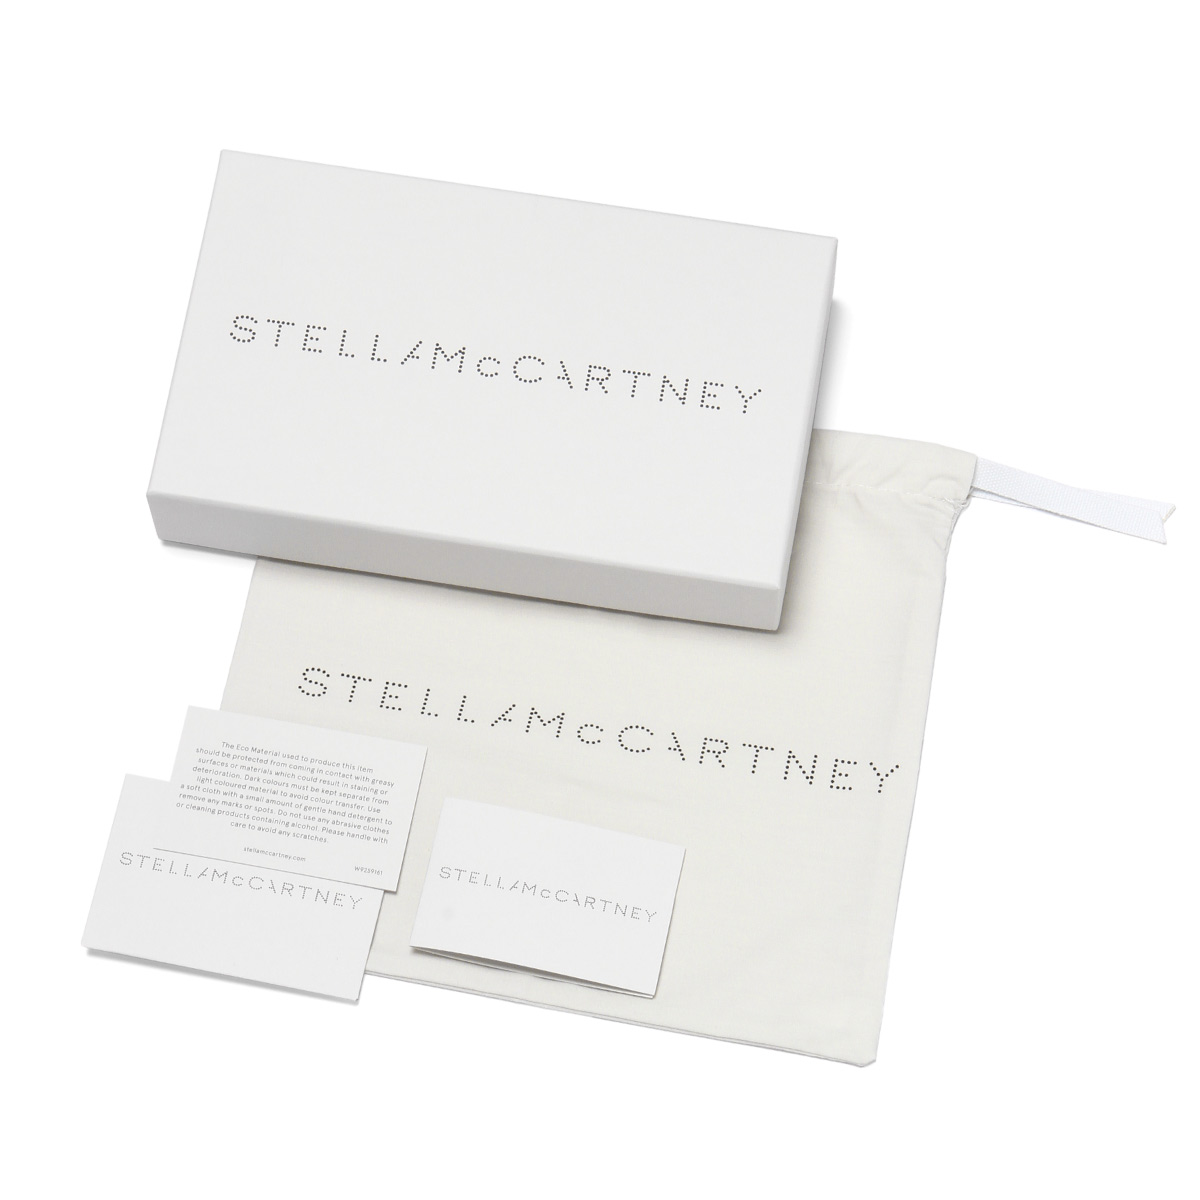 STELLA McCARTNEY ステラ マッカートニー   ショルダーバッグ マイクロ